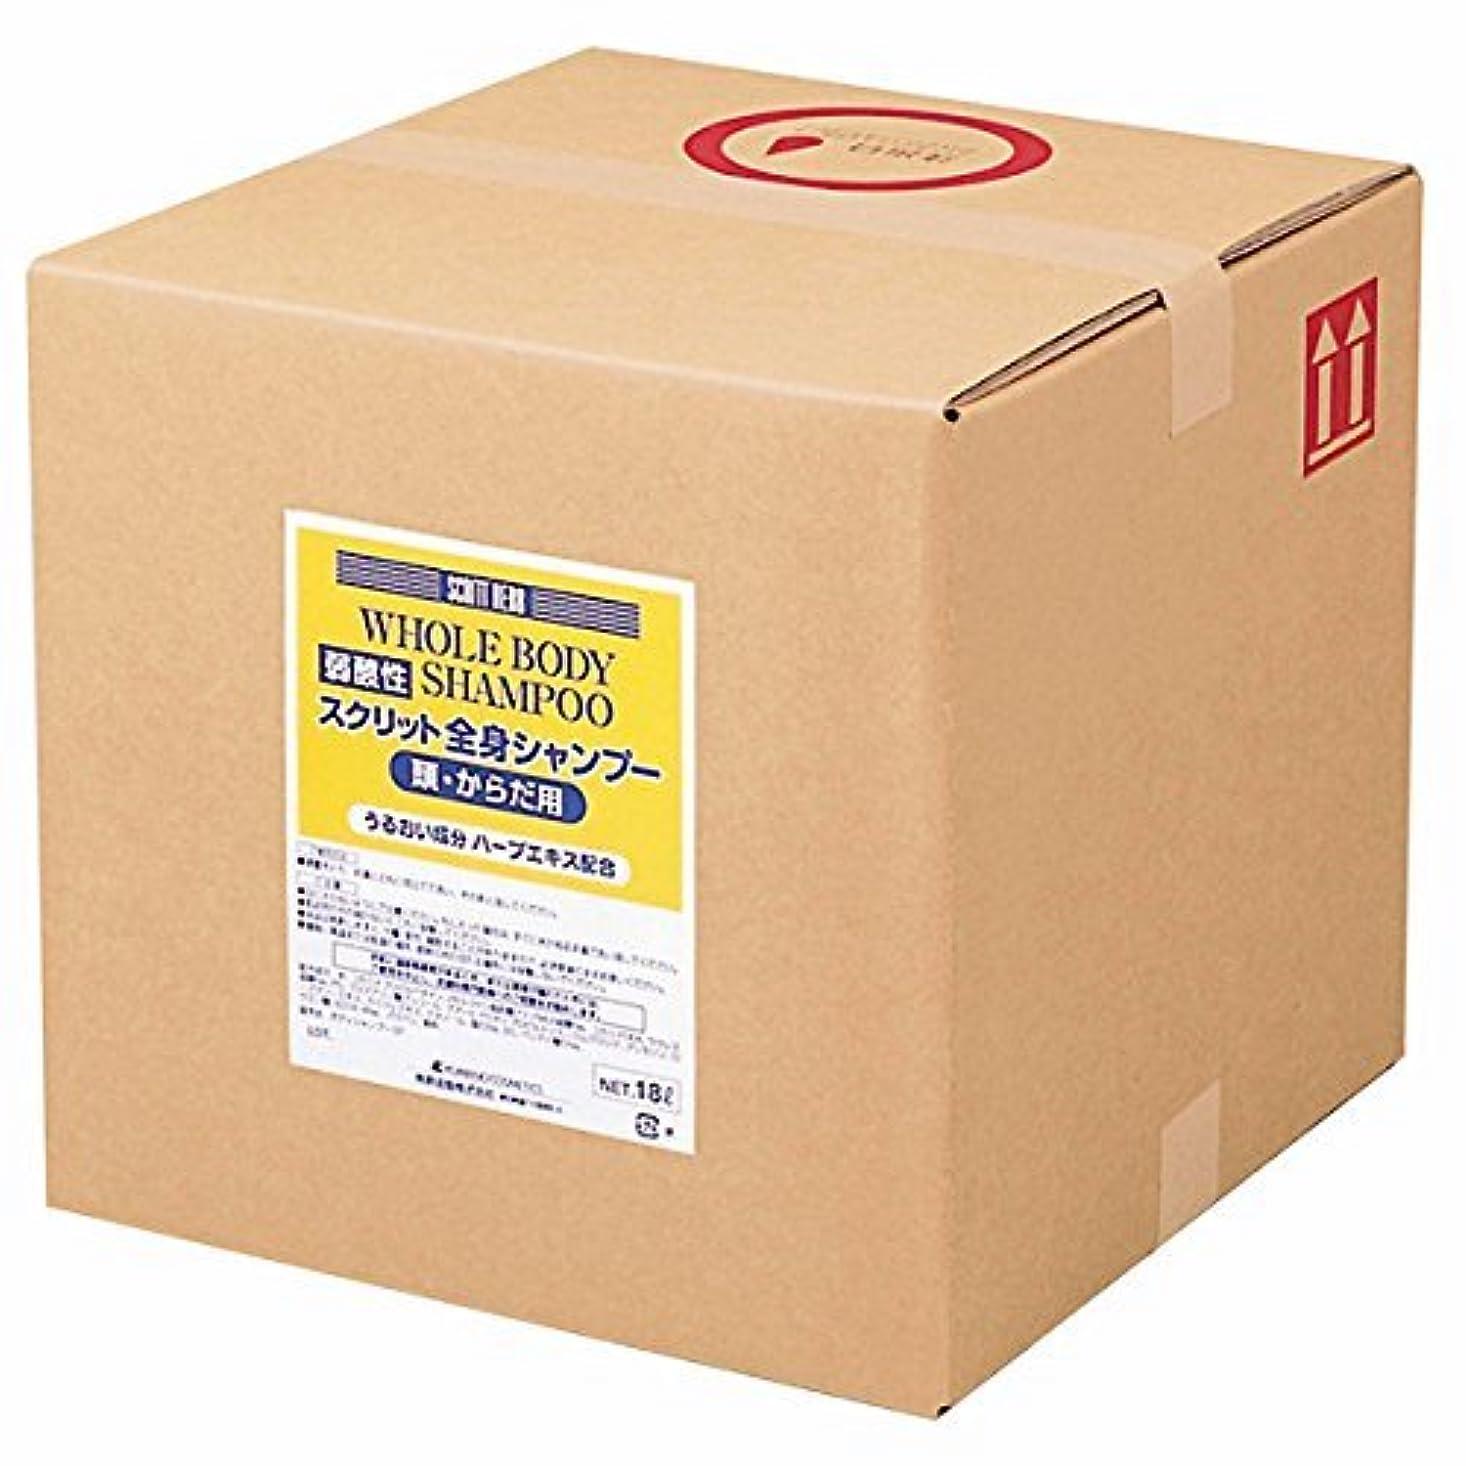 故意の反対に浸した熊野油脂 業務用 SCRITT(スクリット) 全身シャンプー 18L